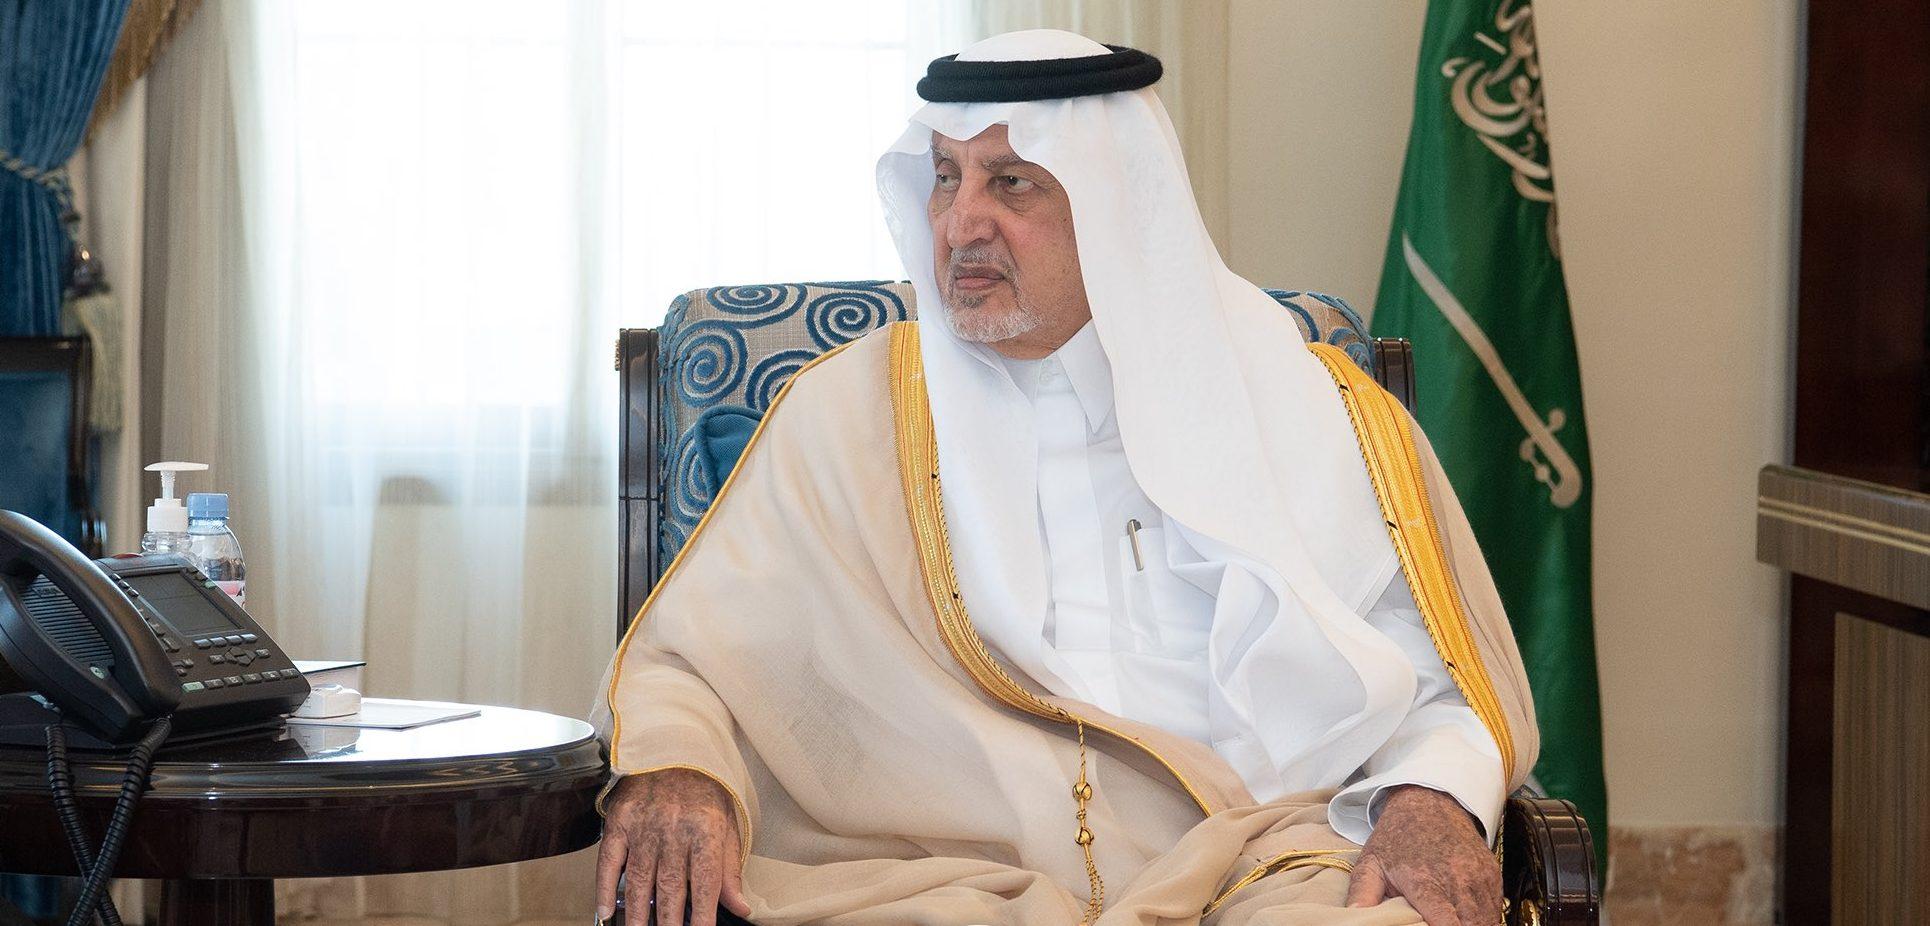 الأمير خالد الفيصل يستقبل رئيس المحكمة الجزائية في جدة